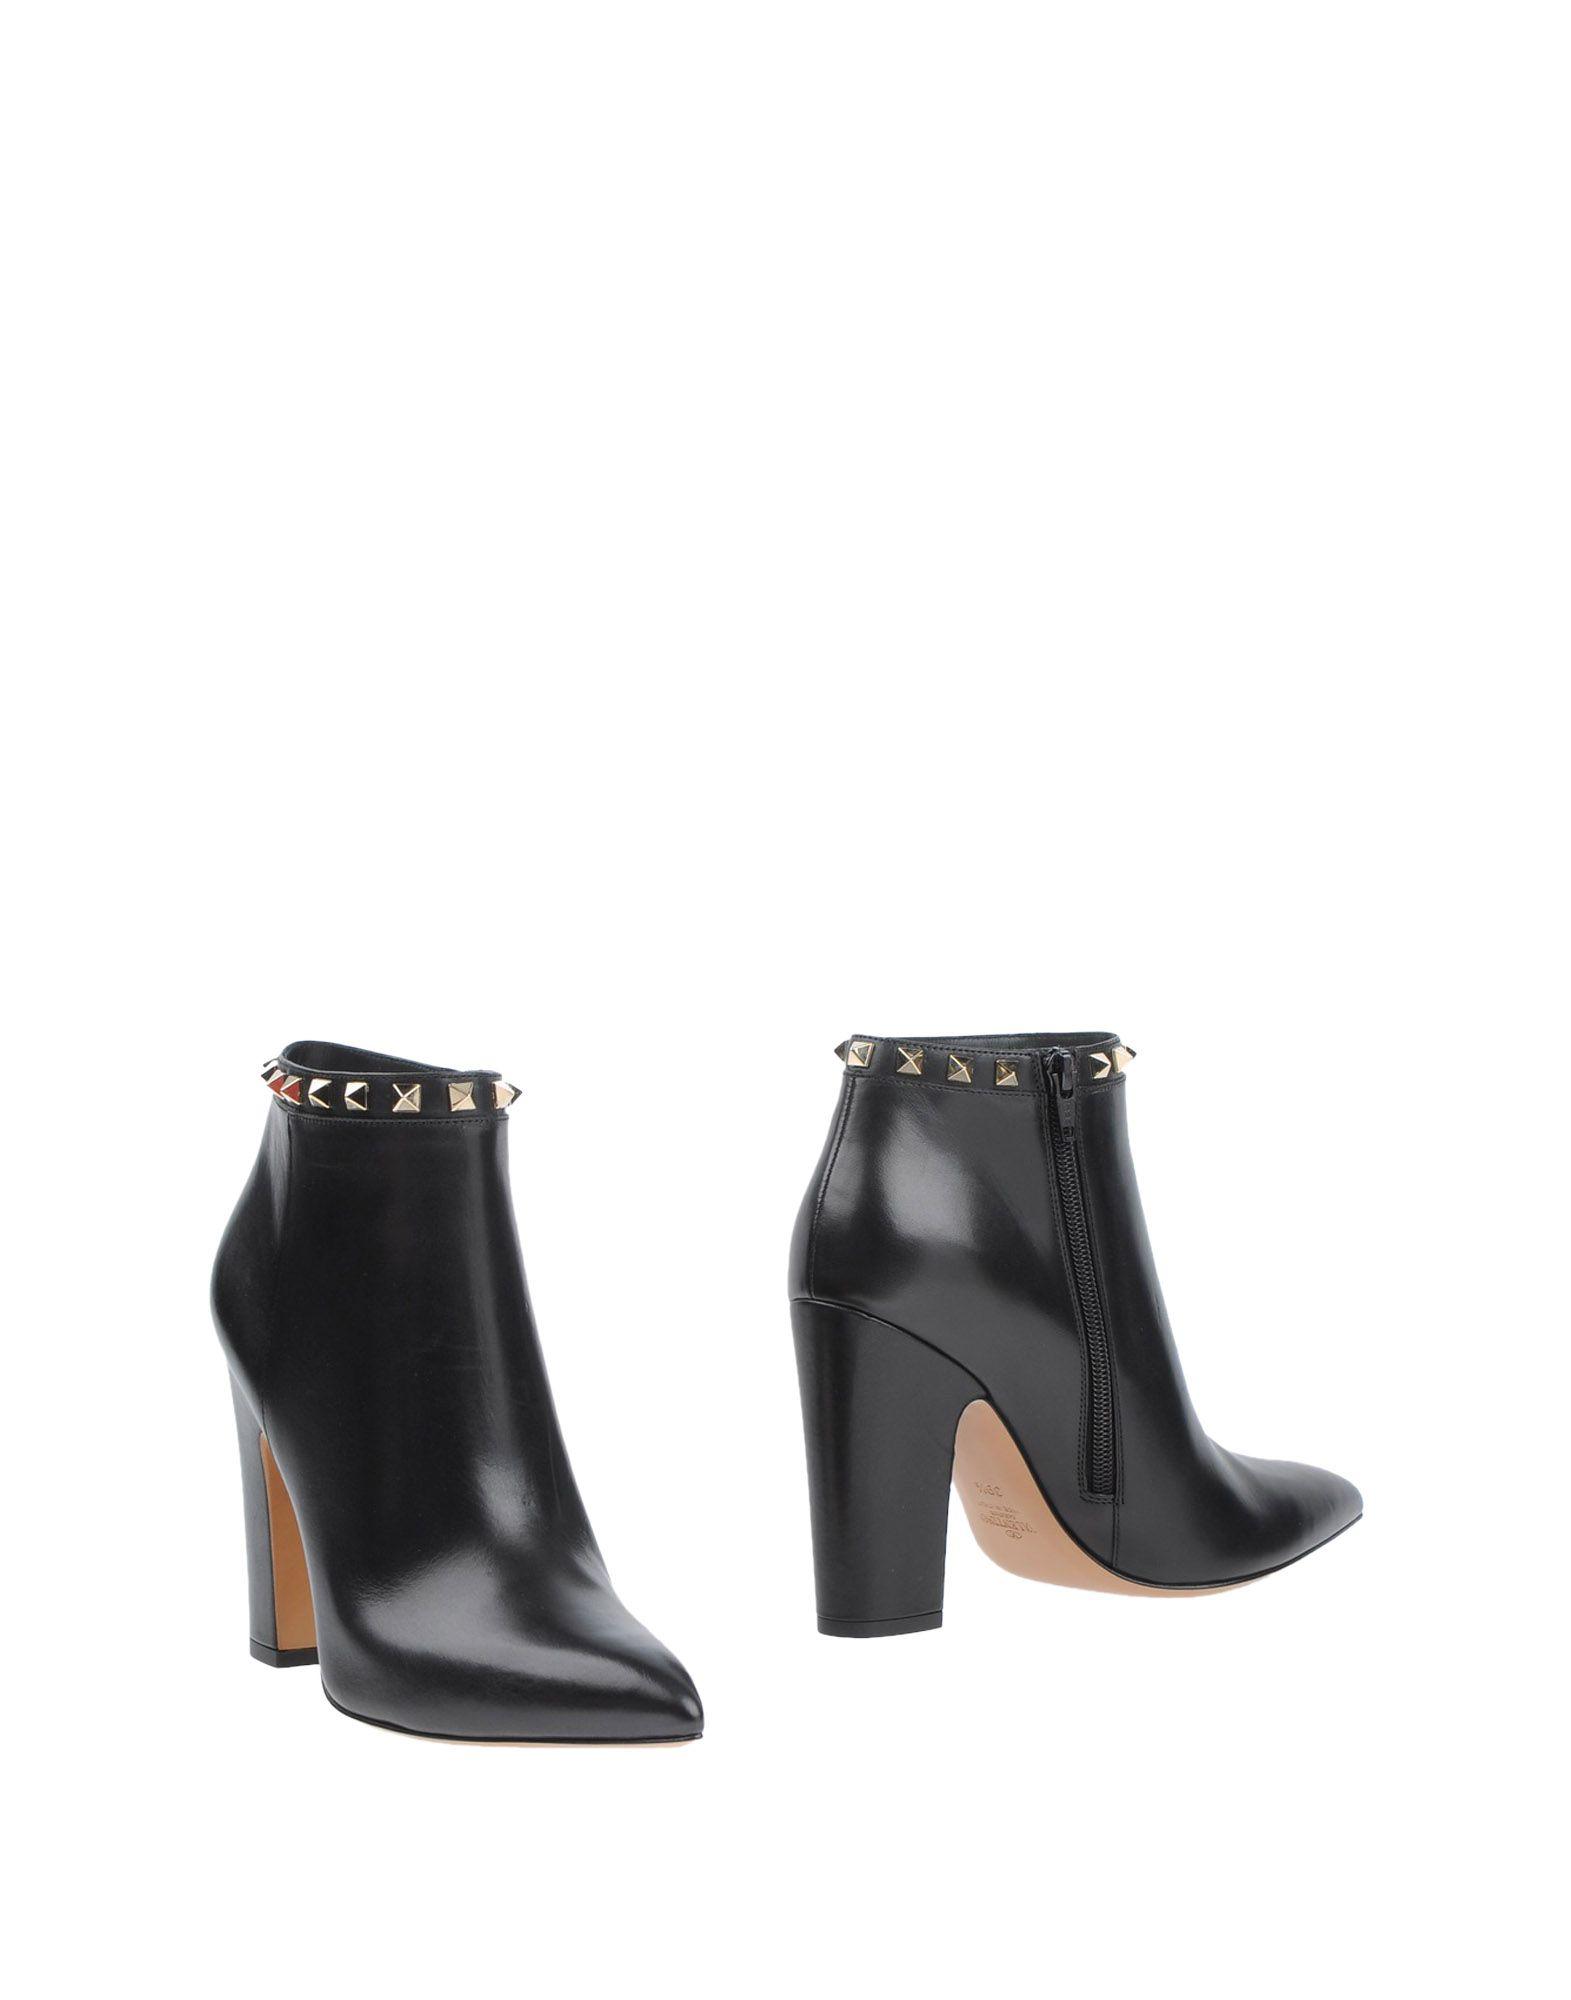 Valentino Garavani Stiefelette Damen  11330591GVGünstige gut aussehende Schuhe